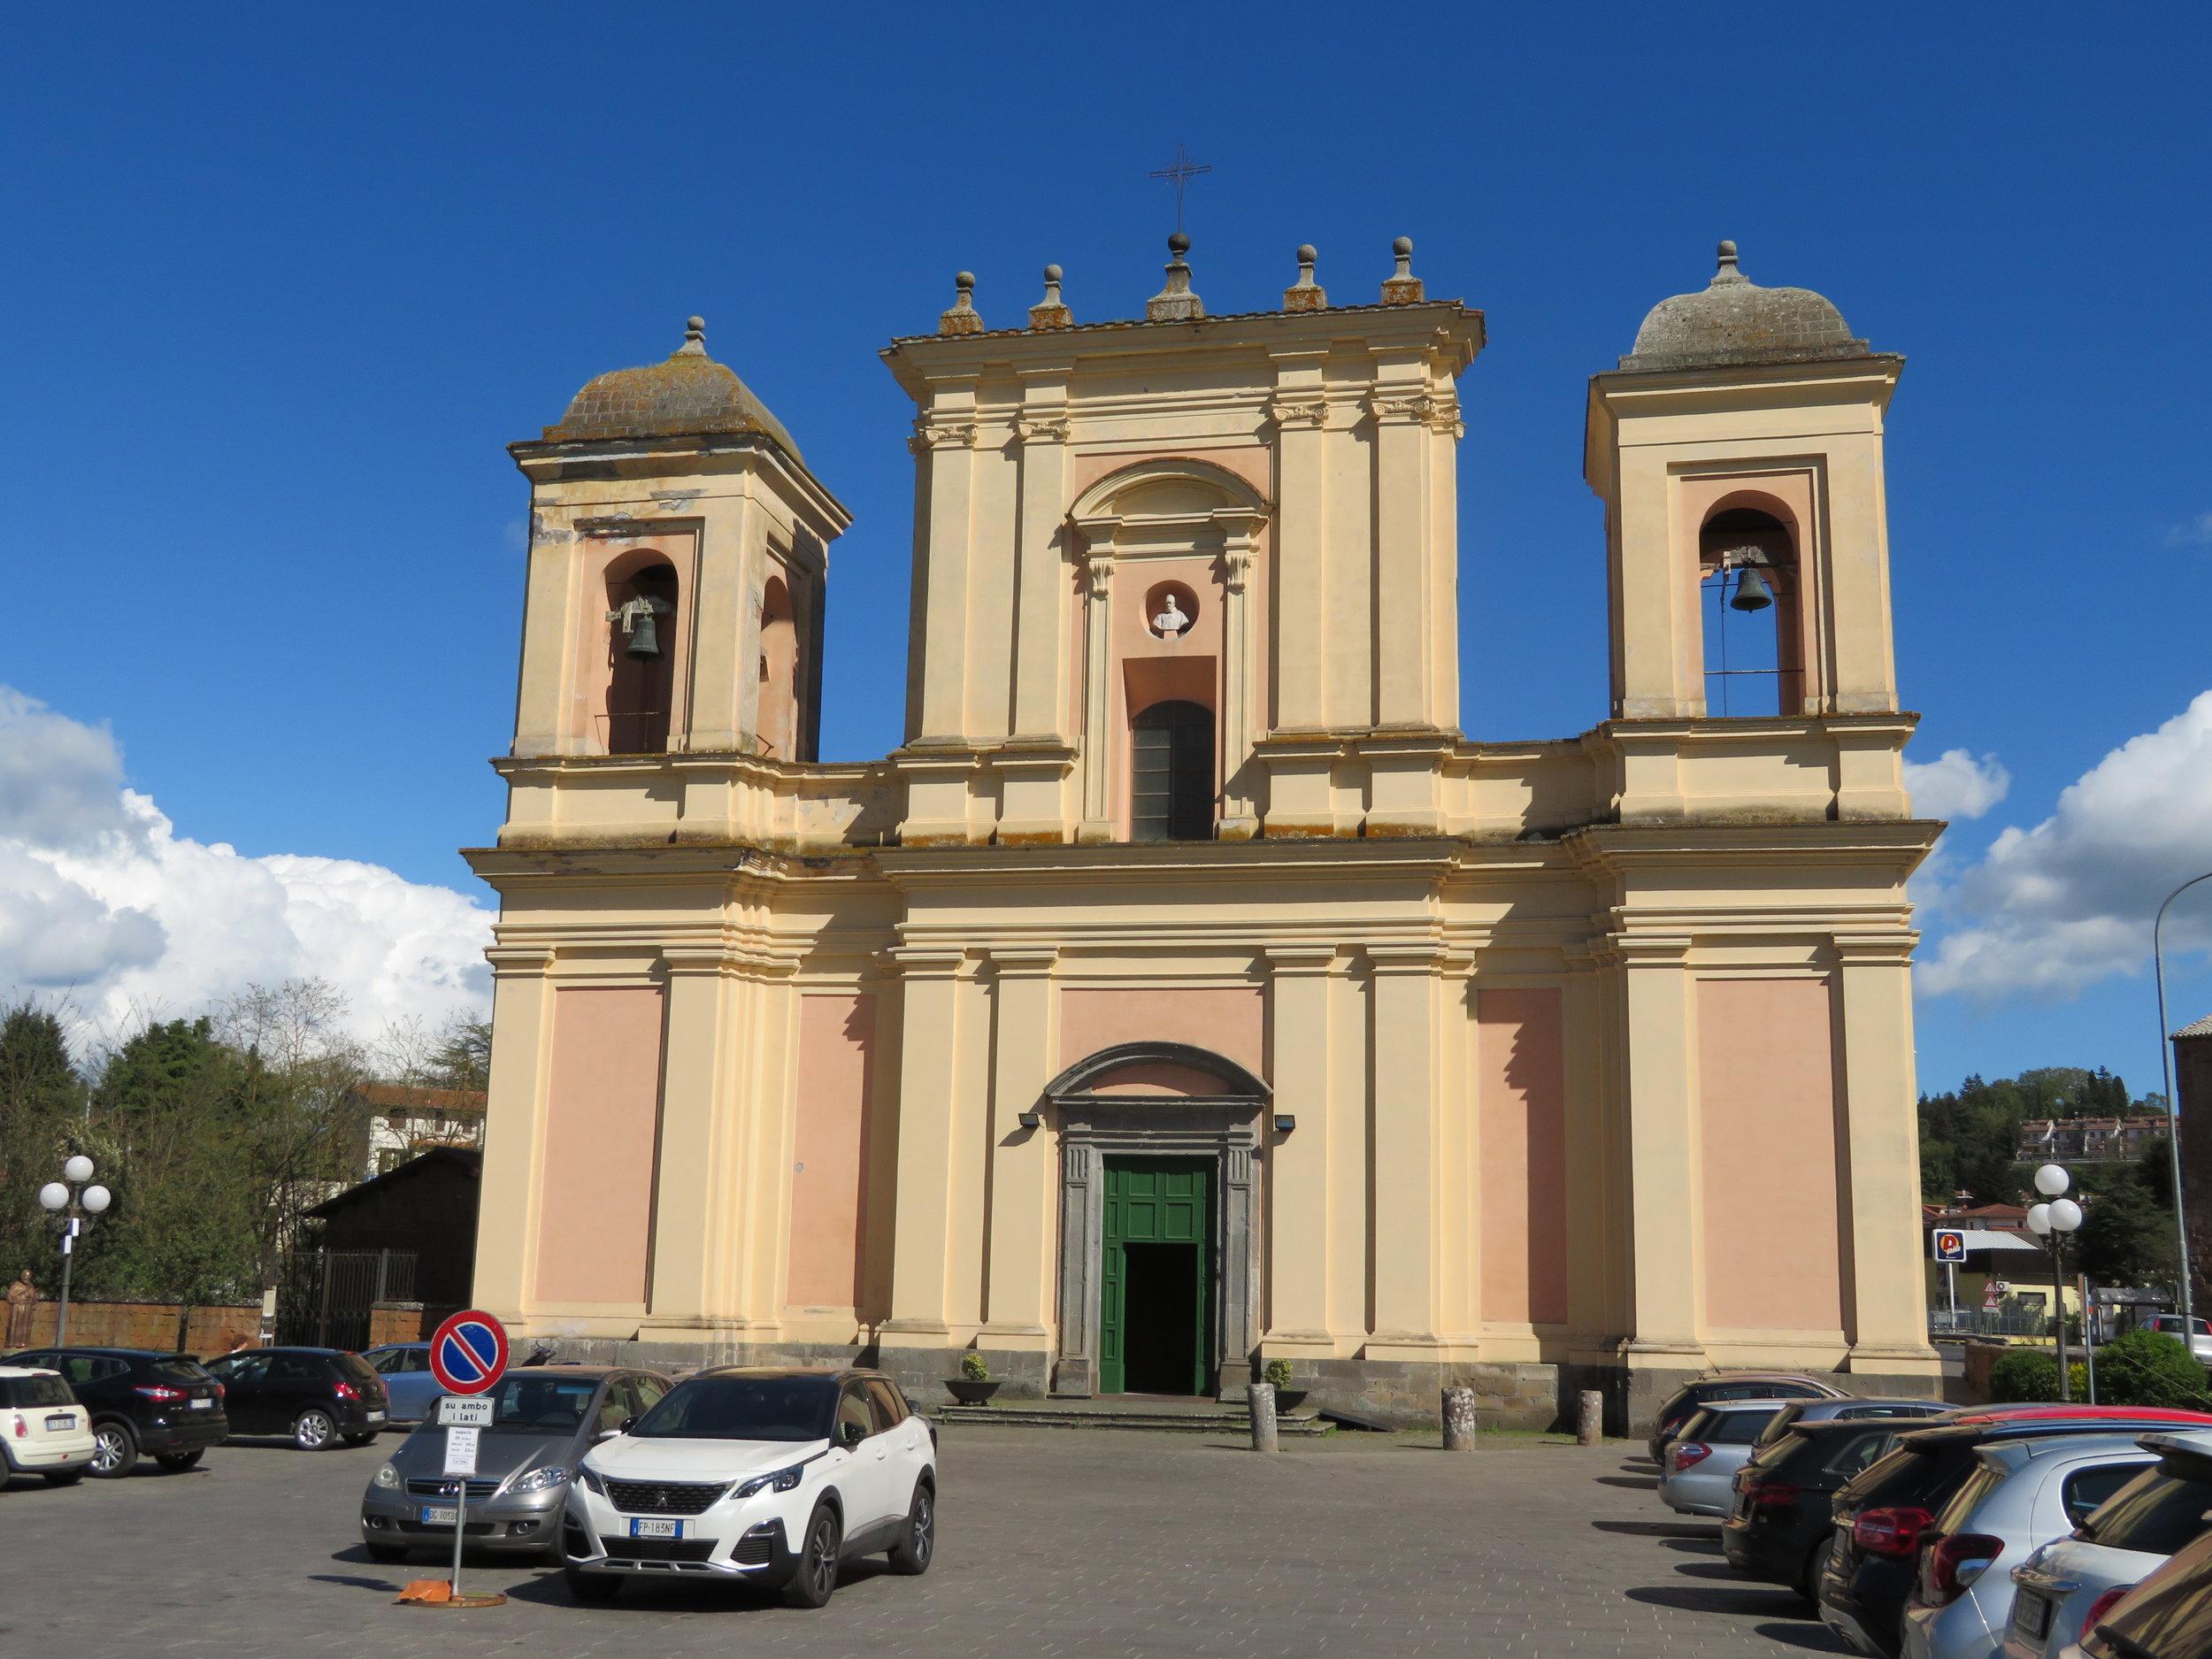 Basilica del Santo Sepolcro … the end of the day's walk to Acquapendente